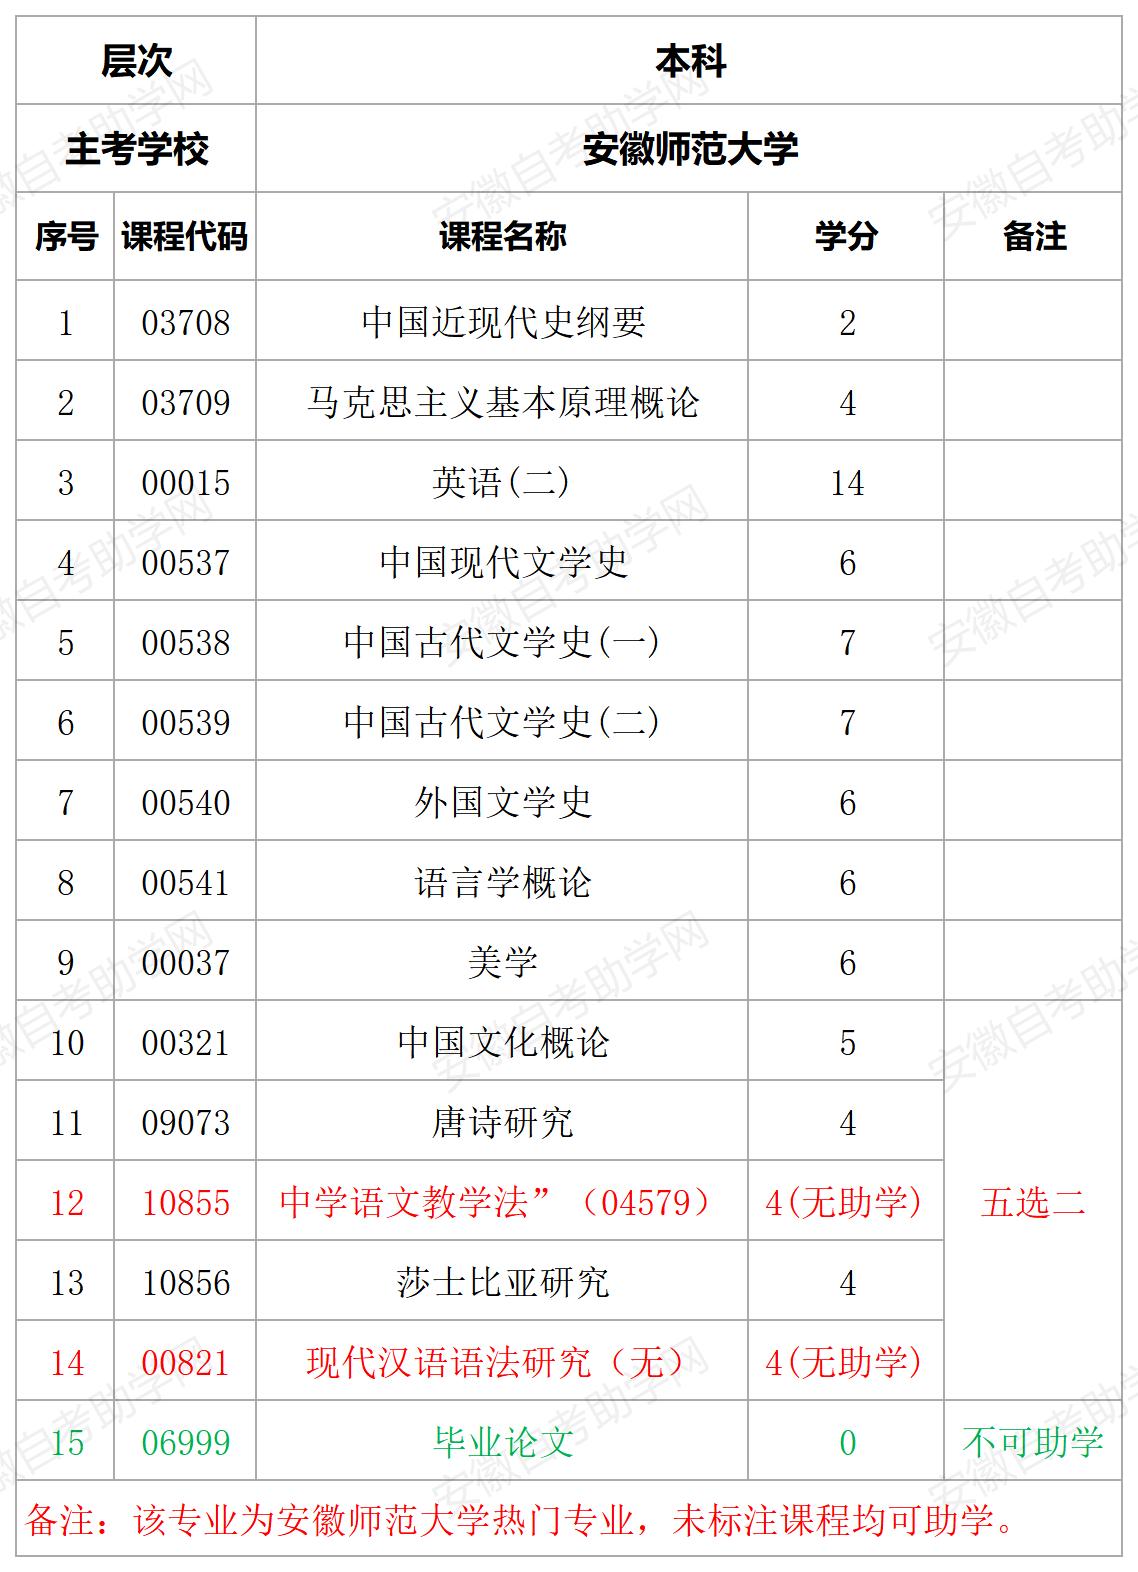 安徽师范大学汉语言文学本科专业助学计划详情表